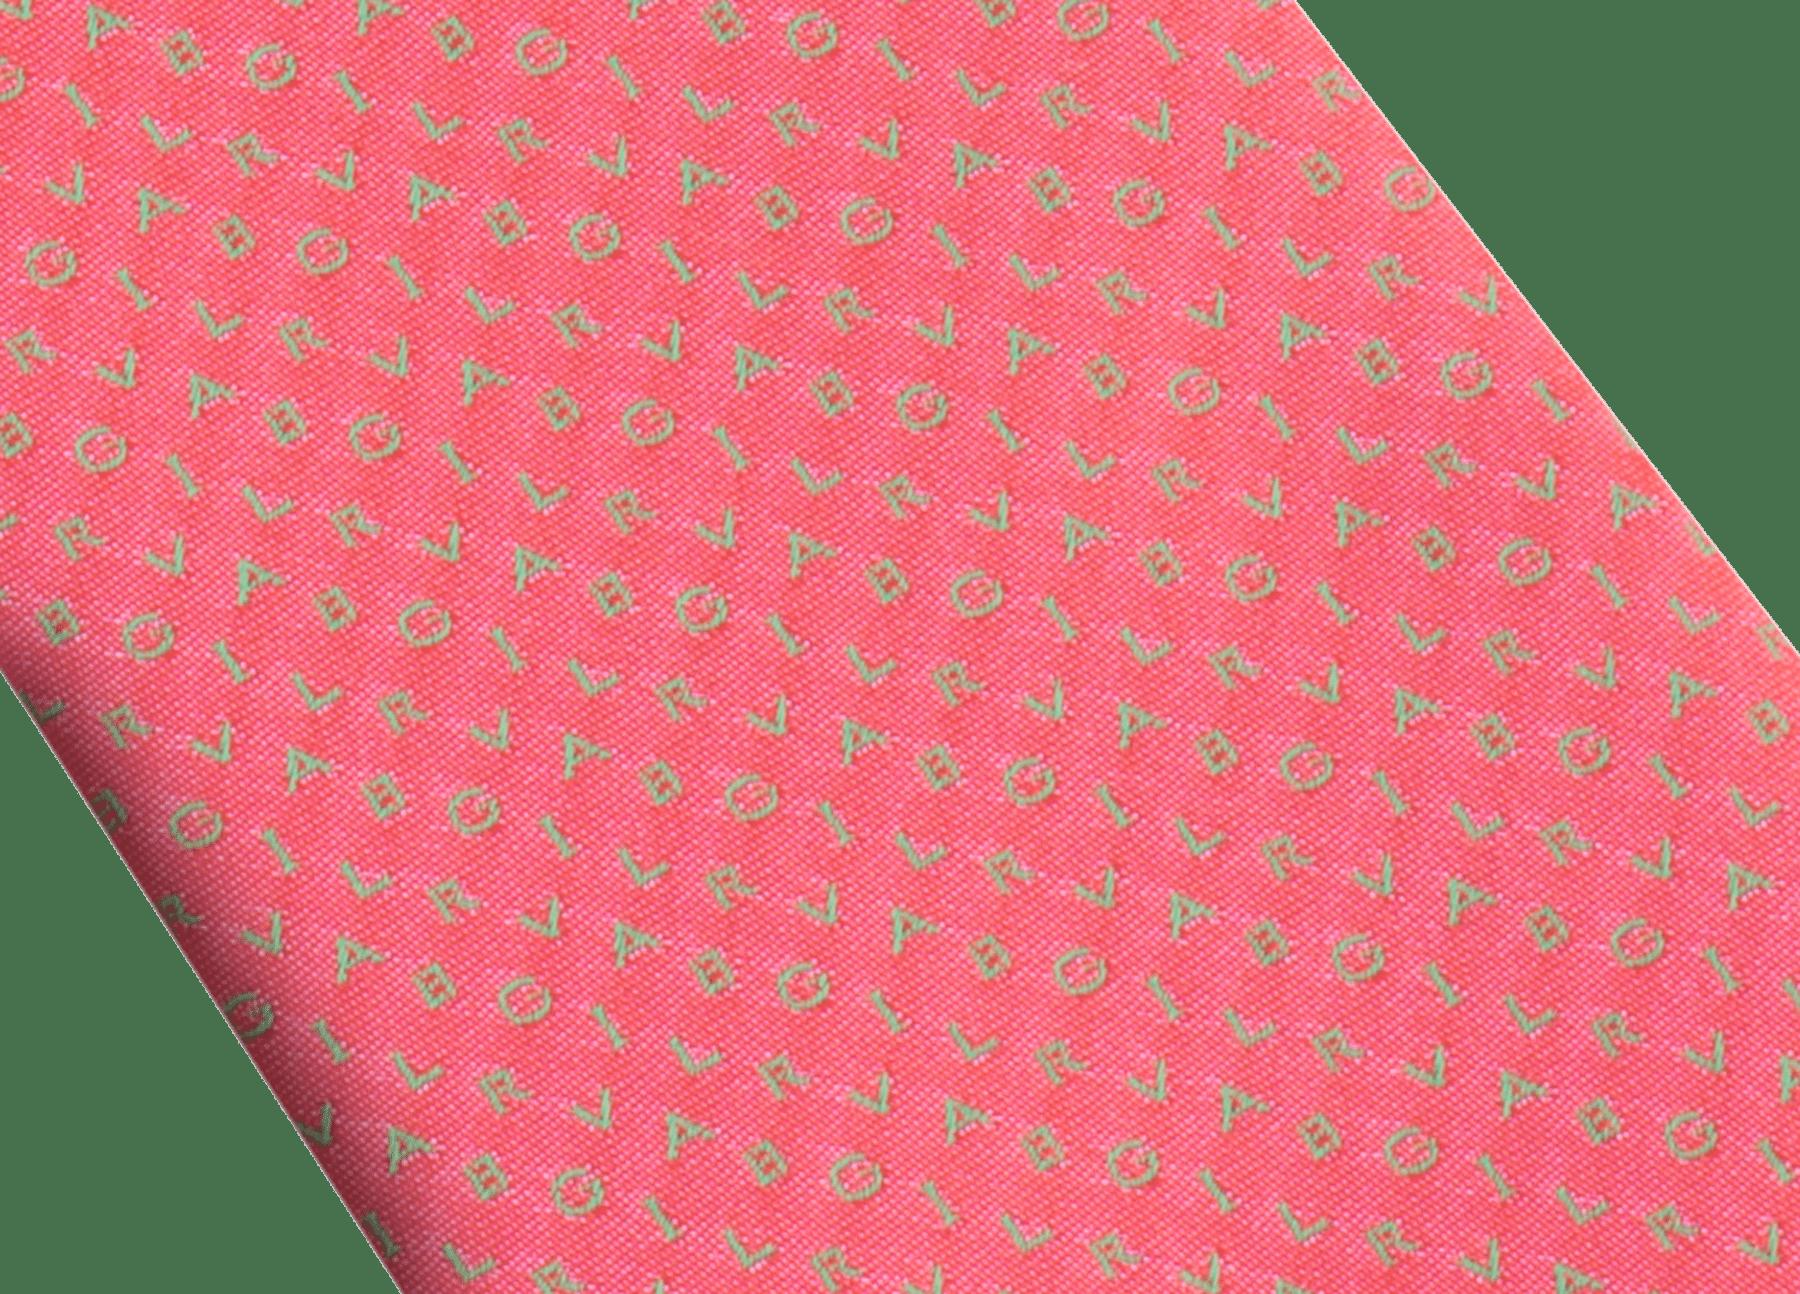 Cravatta sette pieghe rossa con motivo Bvlgari ShineBeth in pregiata seta jacquard. 244089 image 2